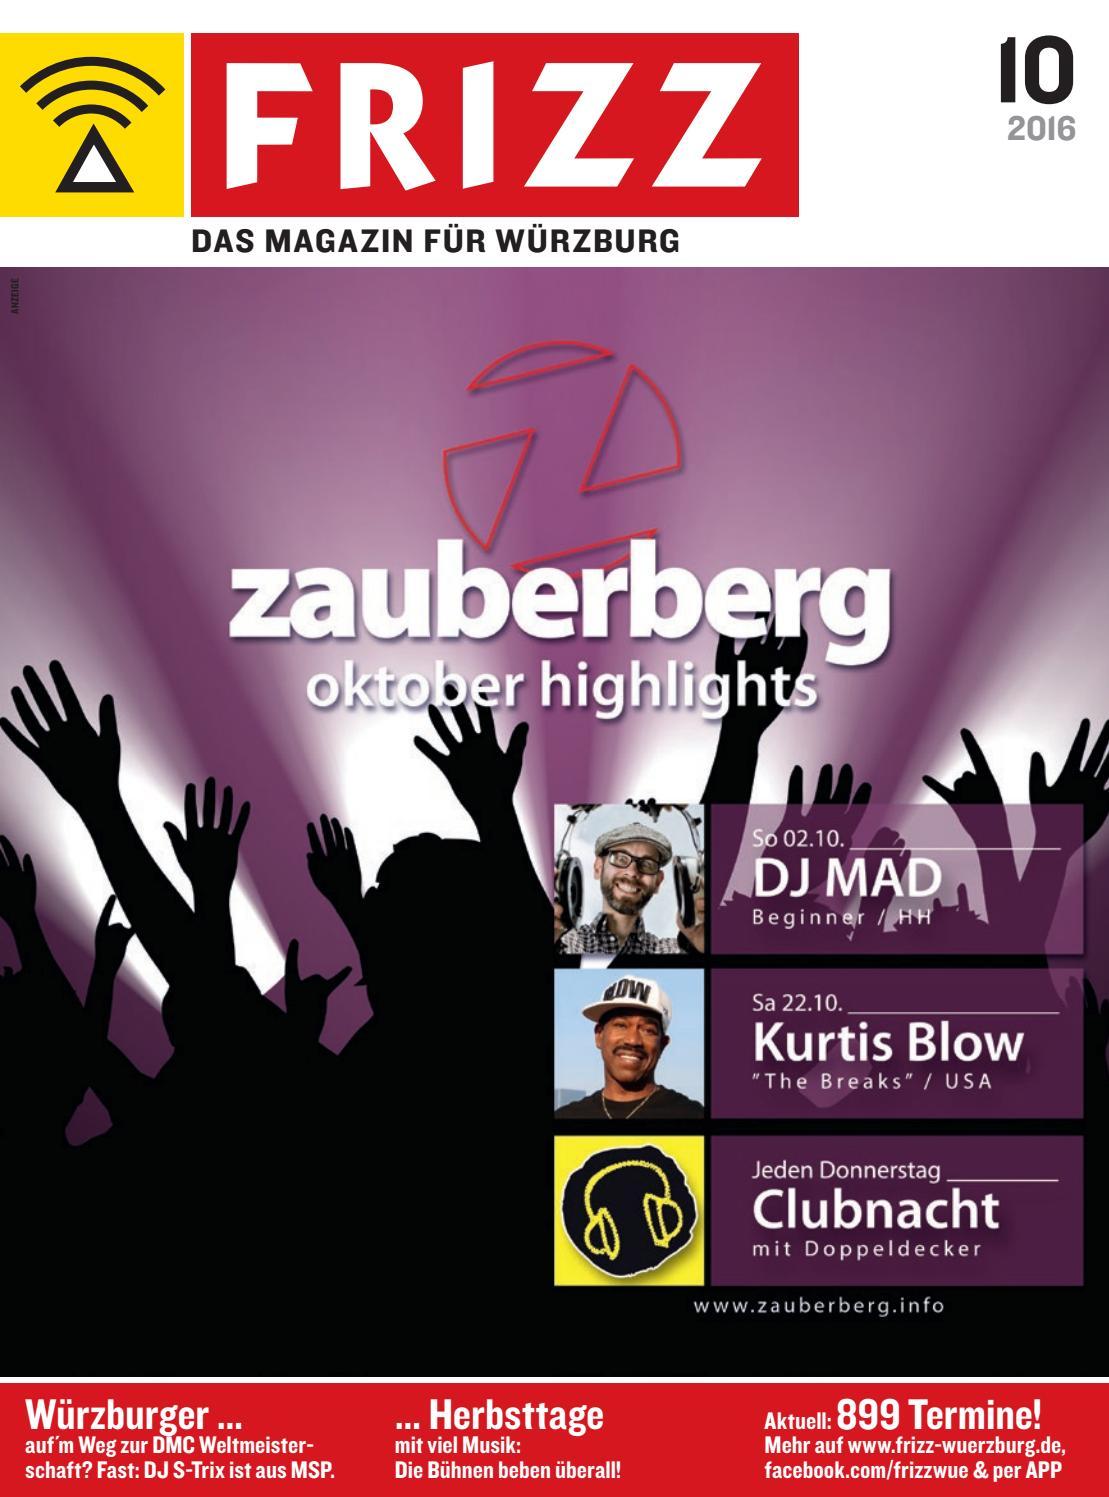 Frizz Das Magazin Fur Wurzburg Oktober 2016 By Frizz Das Magazin